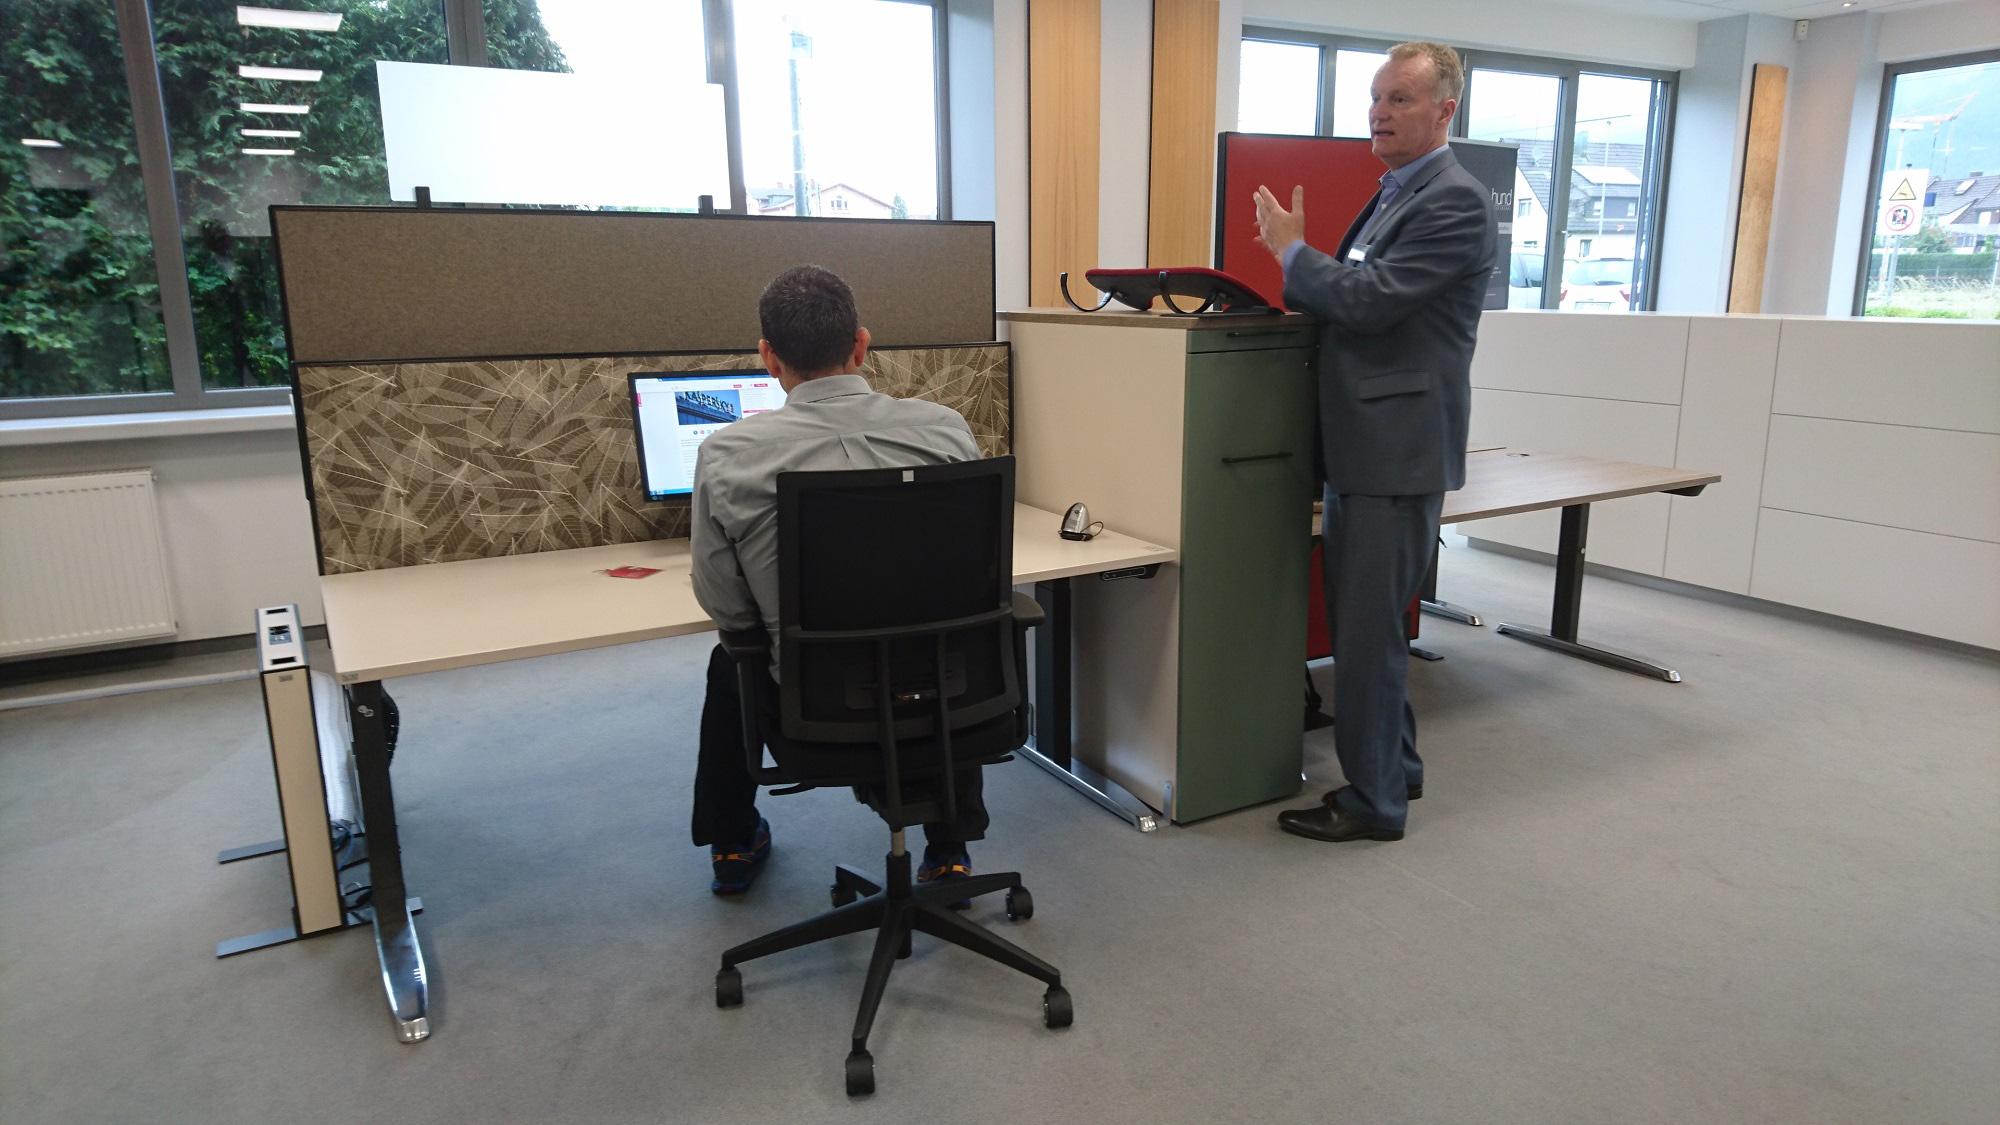 Mitarbeiter am Steh-Sitz-Arbeitsplatz. Herr Brunner geht auf die Haltung des sitzenden Mitarbeiters ein.